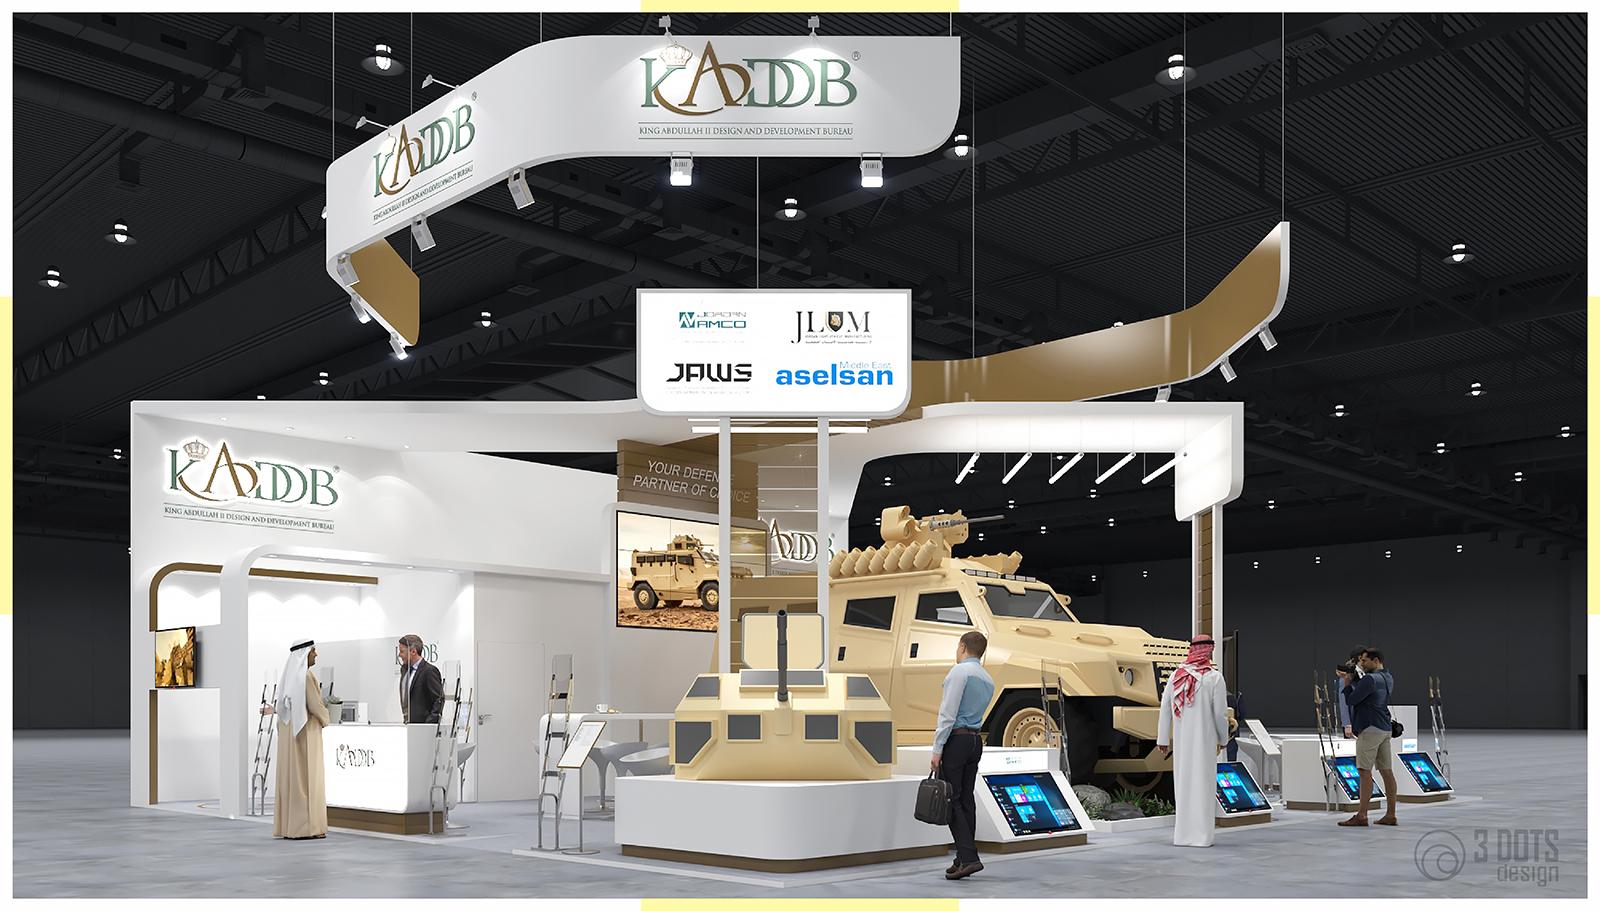 KADDB - IDEX 2021 option 1 -1